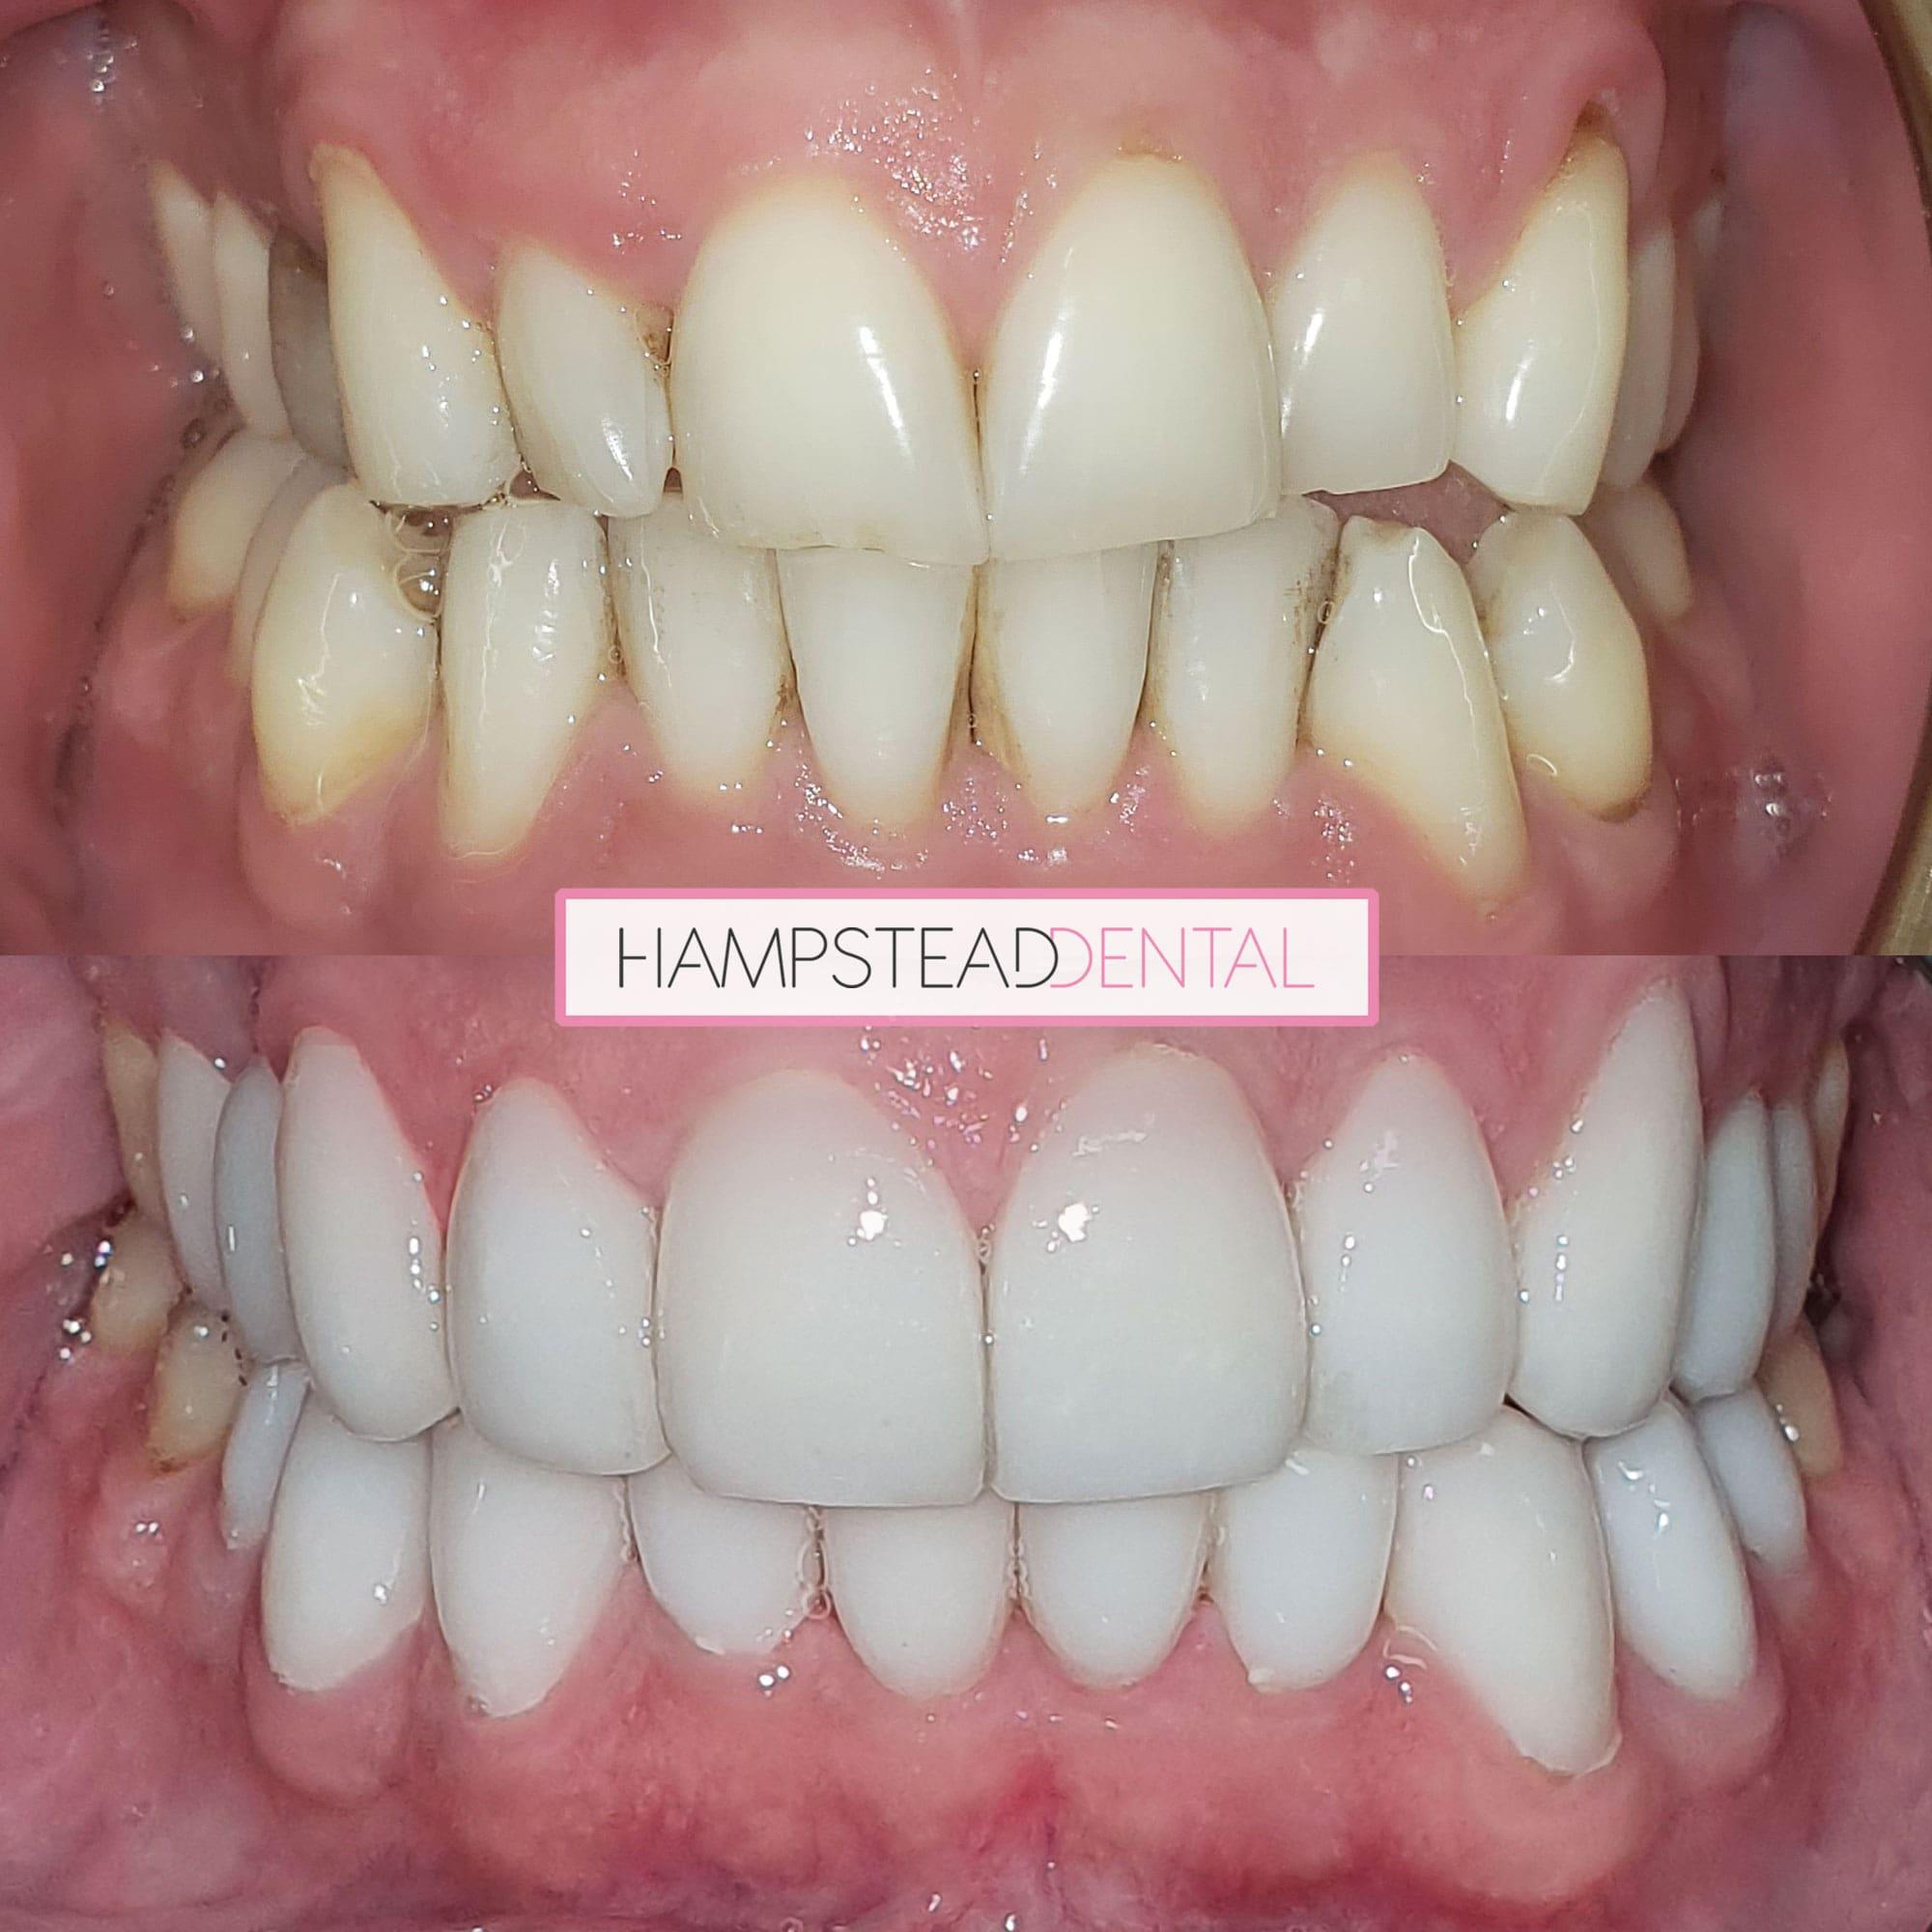 https://i0.wp.com/hampsteaddental.com.au/wp-content/uploads/Teeth-Image-min.jpg?fit=2000%2C2000&ssl=1